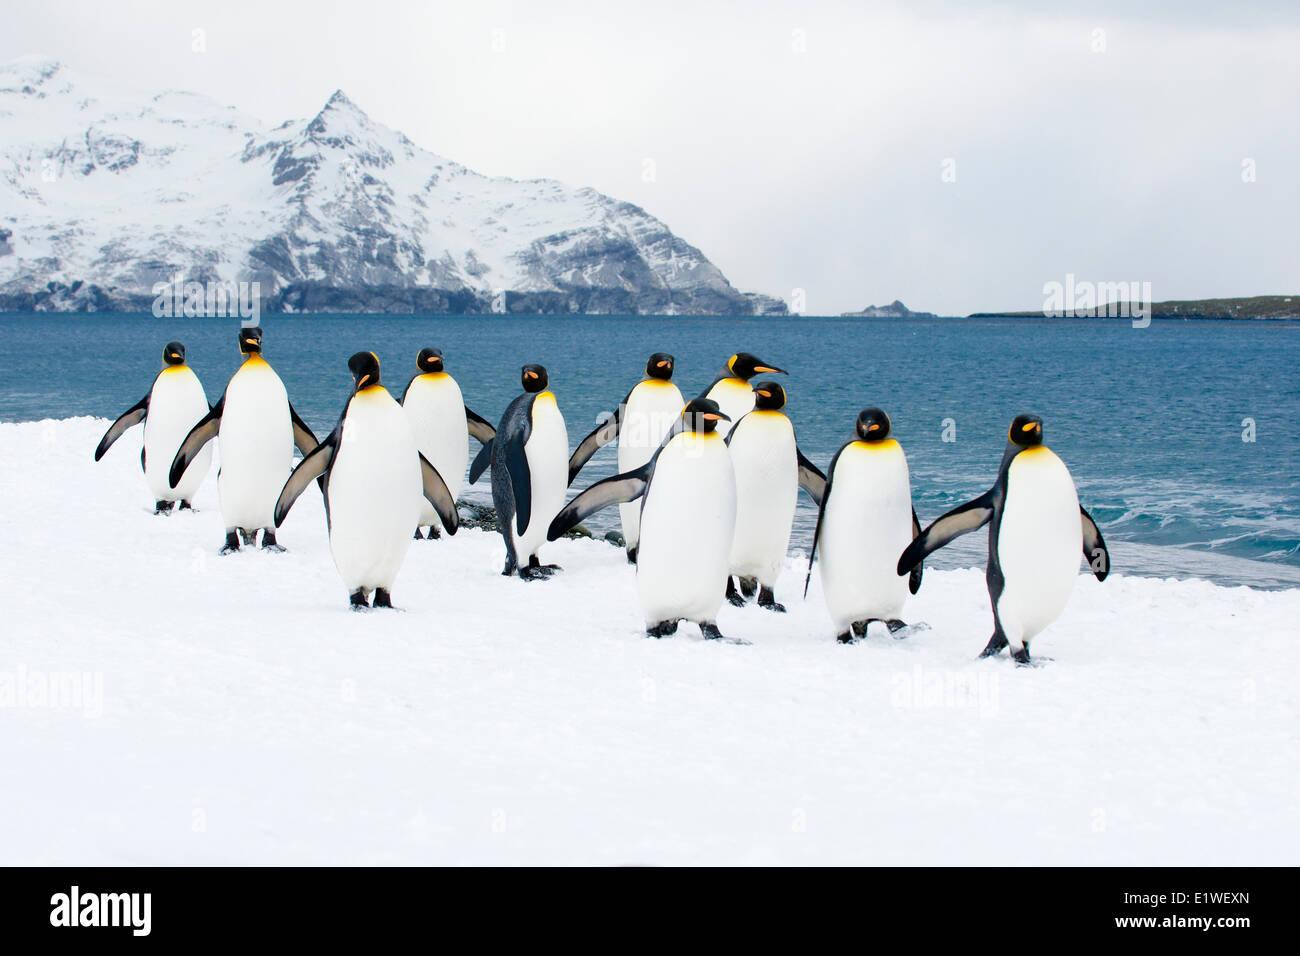 Pingüinos rey (Aptenodytes patagonicus) loafing en la playa, en la isla de Georgia del Sur, la Antártida Foto de stock